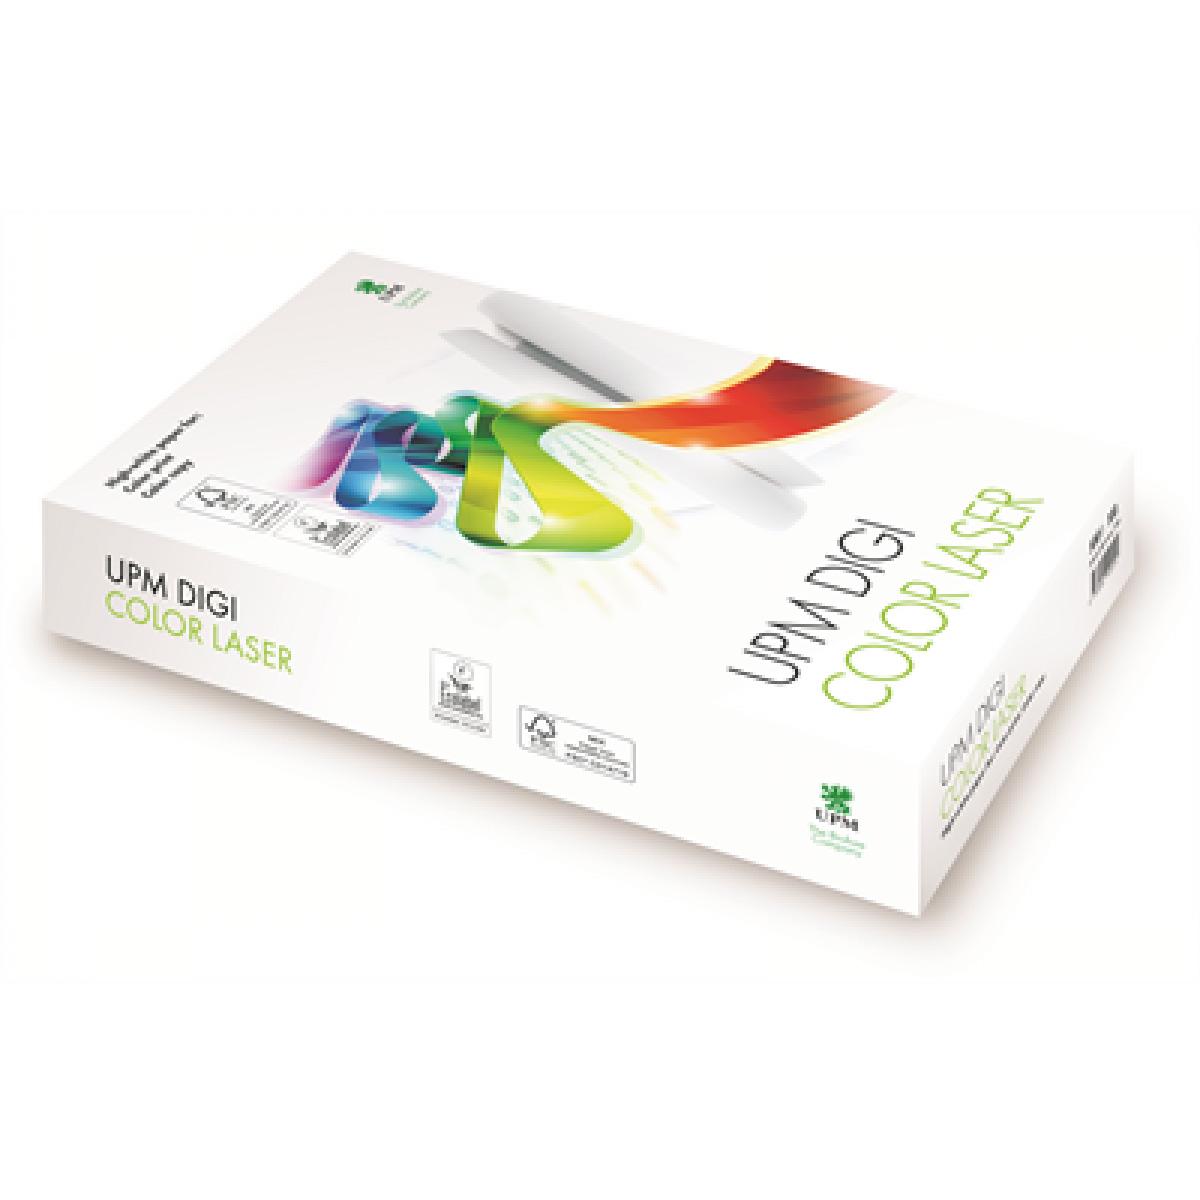 Бумага Digi Color Laser A3 160гр./м2., 250листов UPM - фото 1